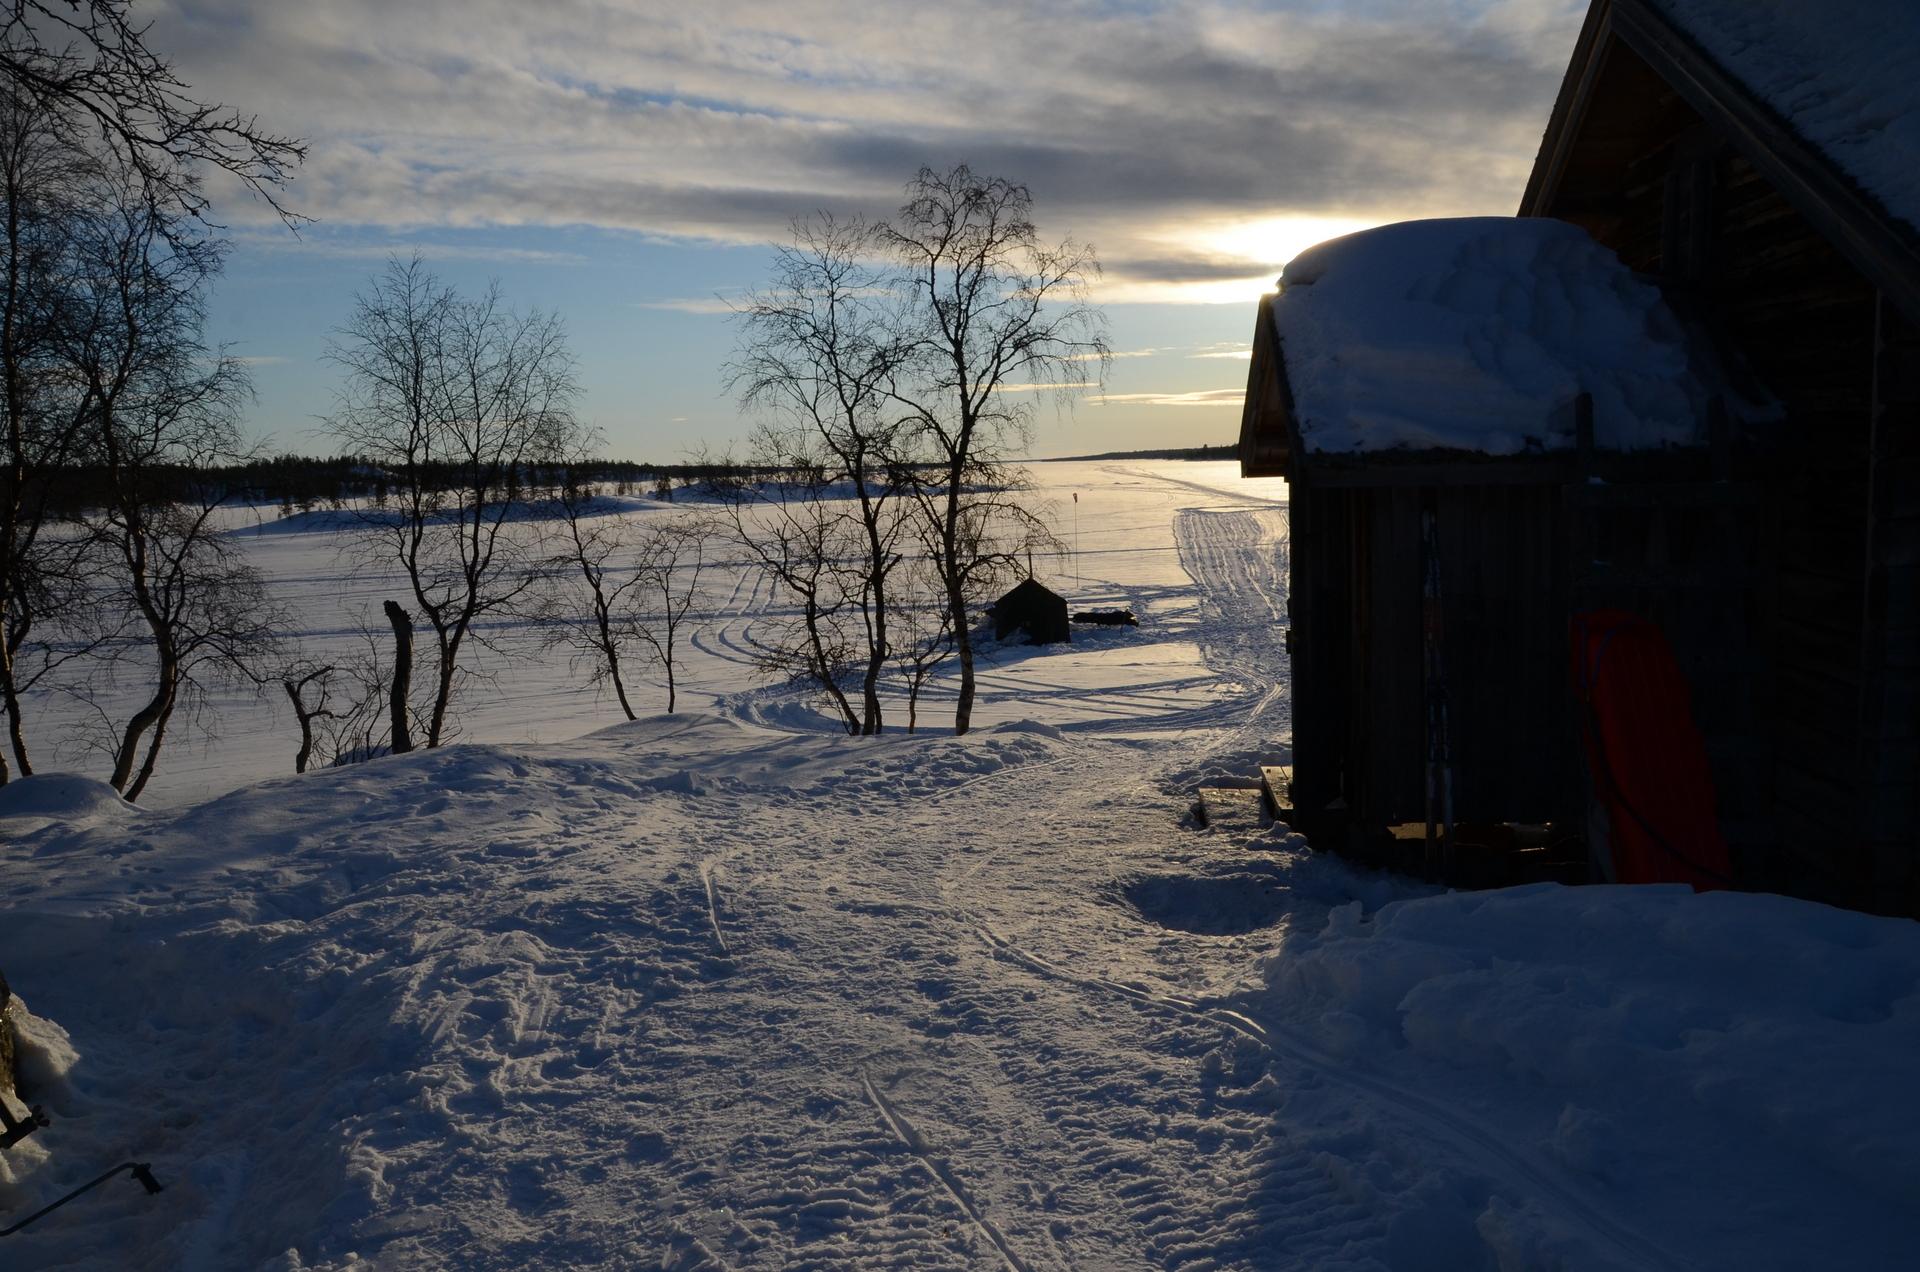 Hieno ilta auringon laskiessa. Tämän kämpän pysähdys oli reissun kohokohta kaikkine tapahtumineen.